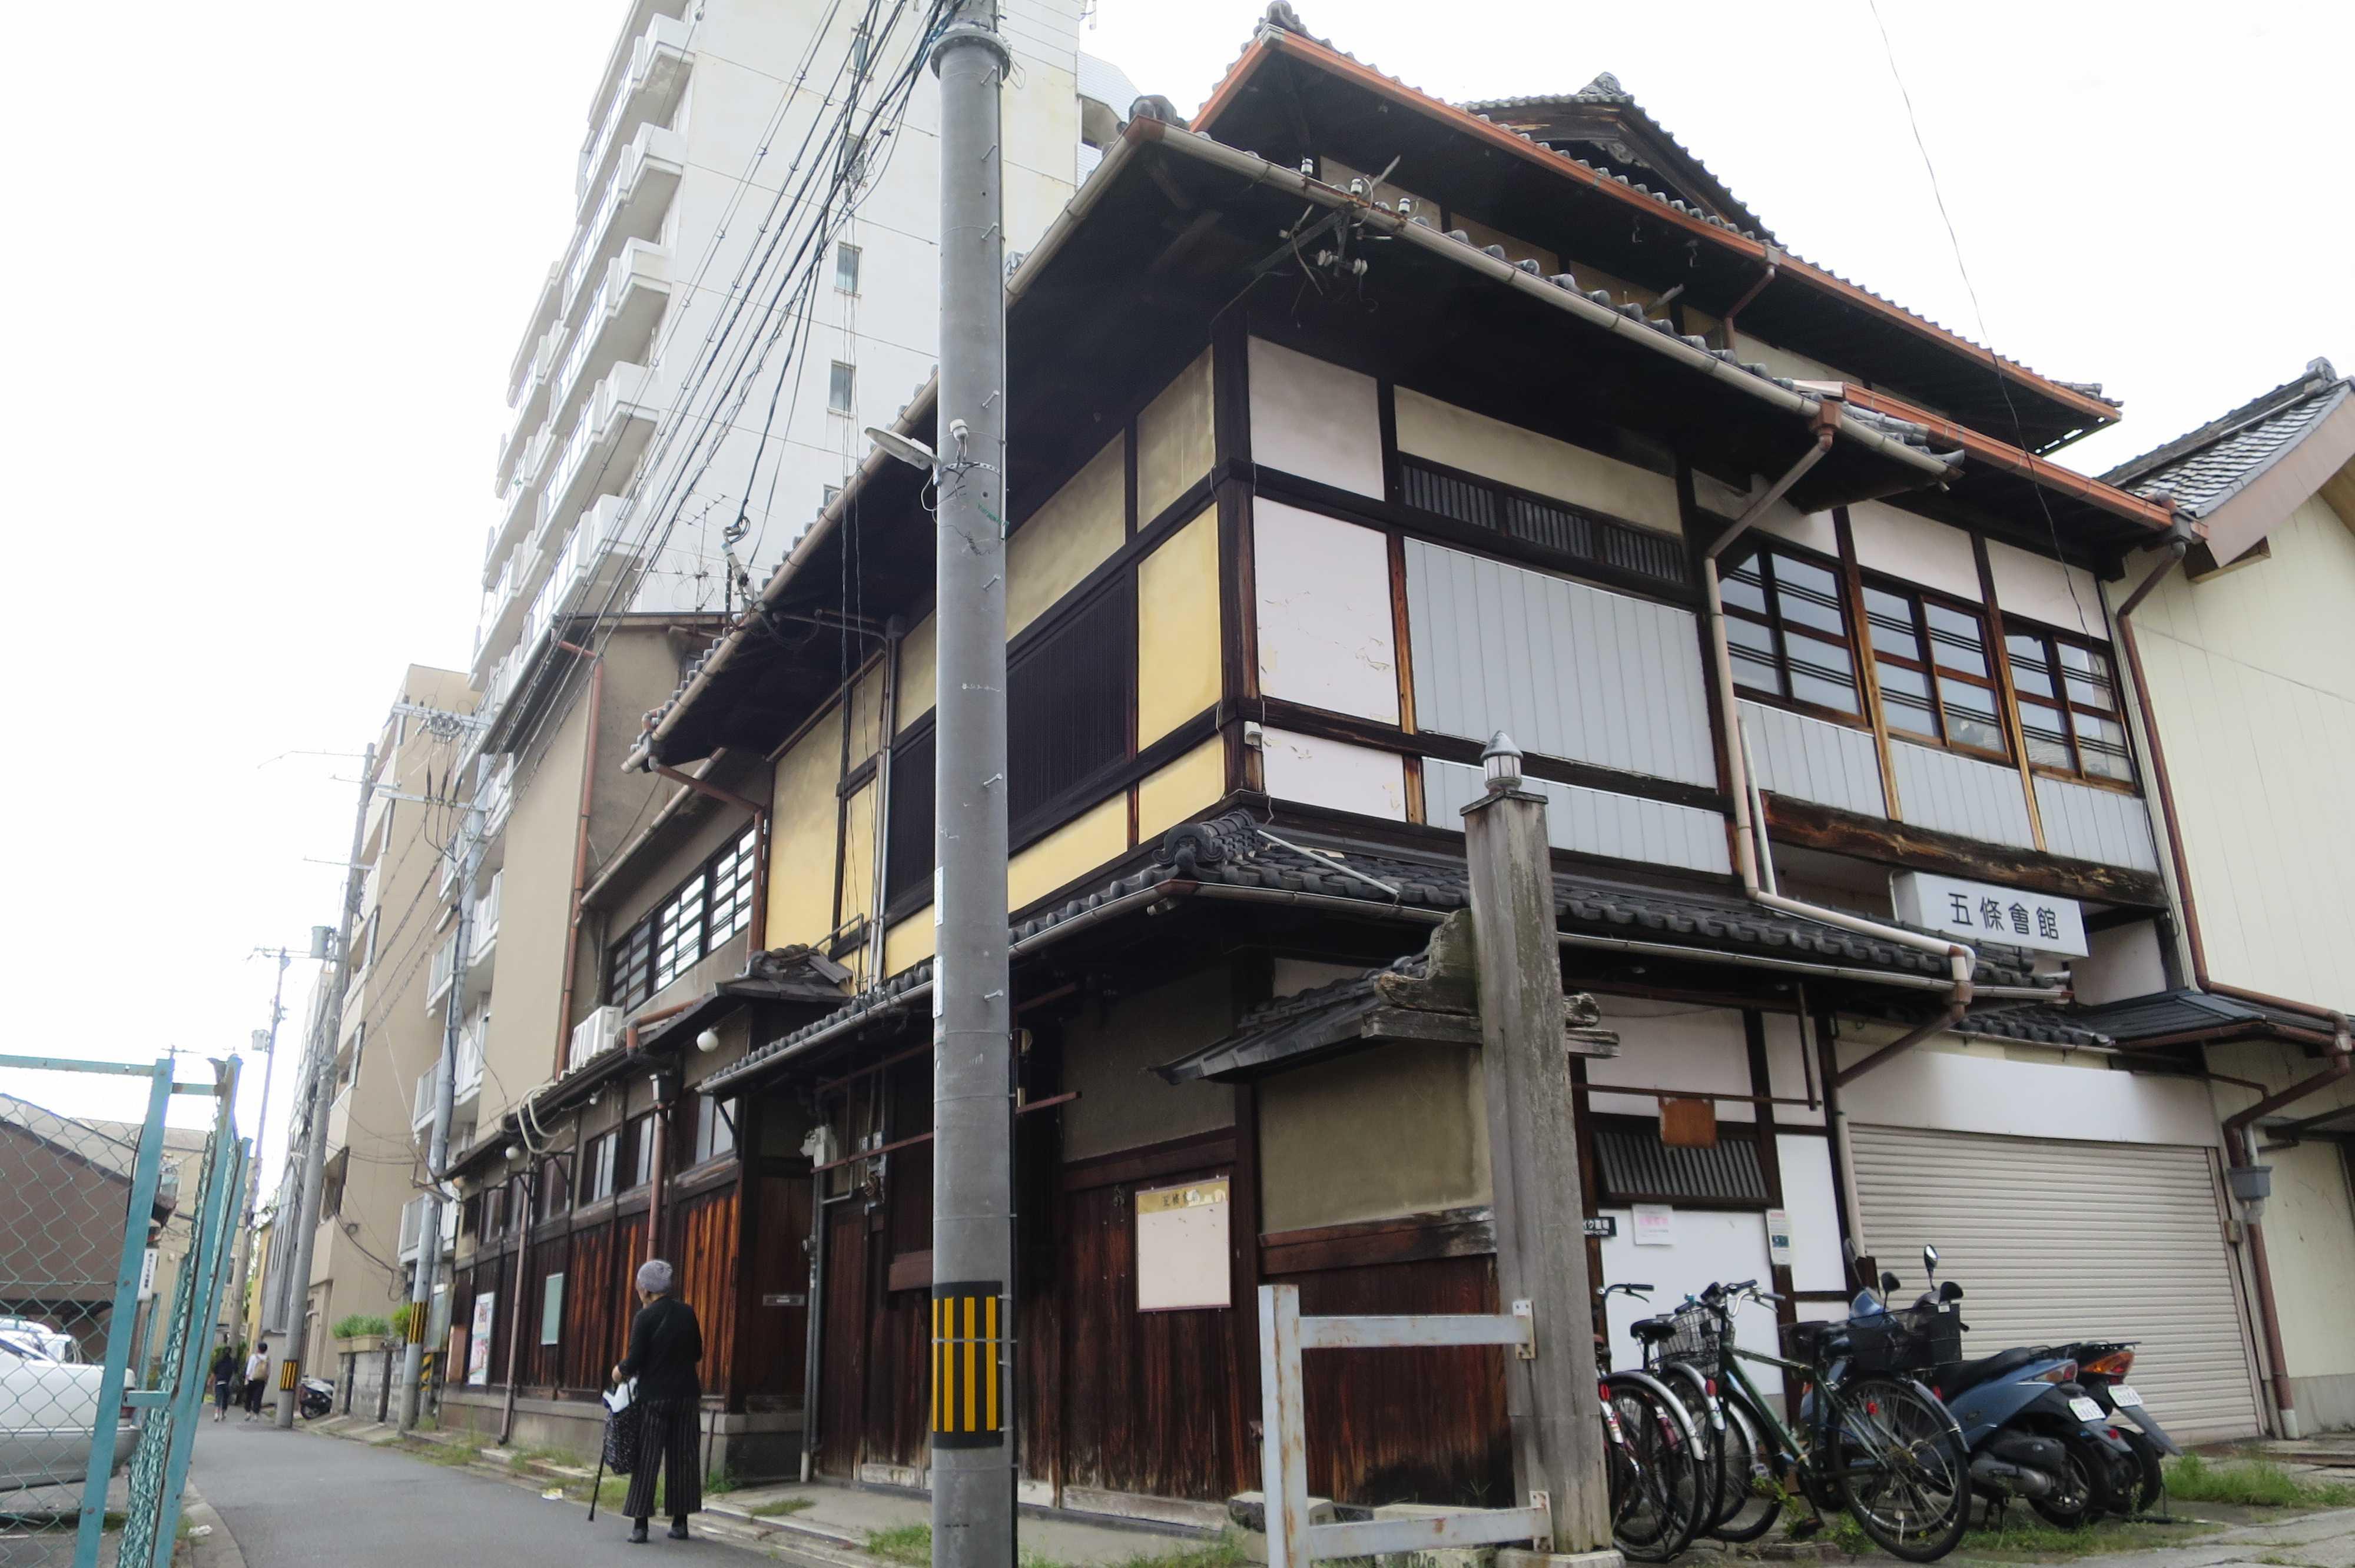 京都・五条楽園 - 五條会館(旧五條楽園歌舞練場)